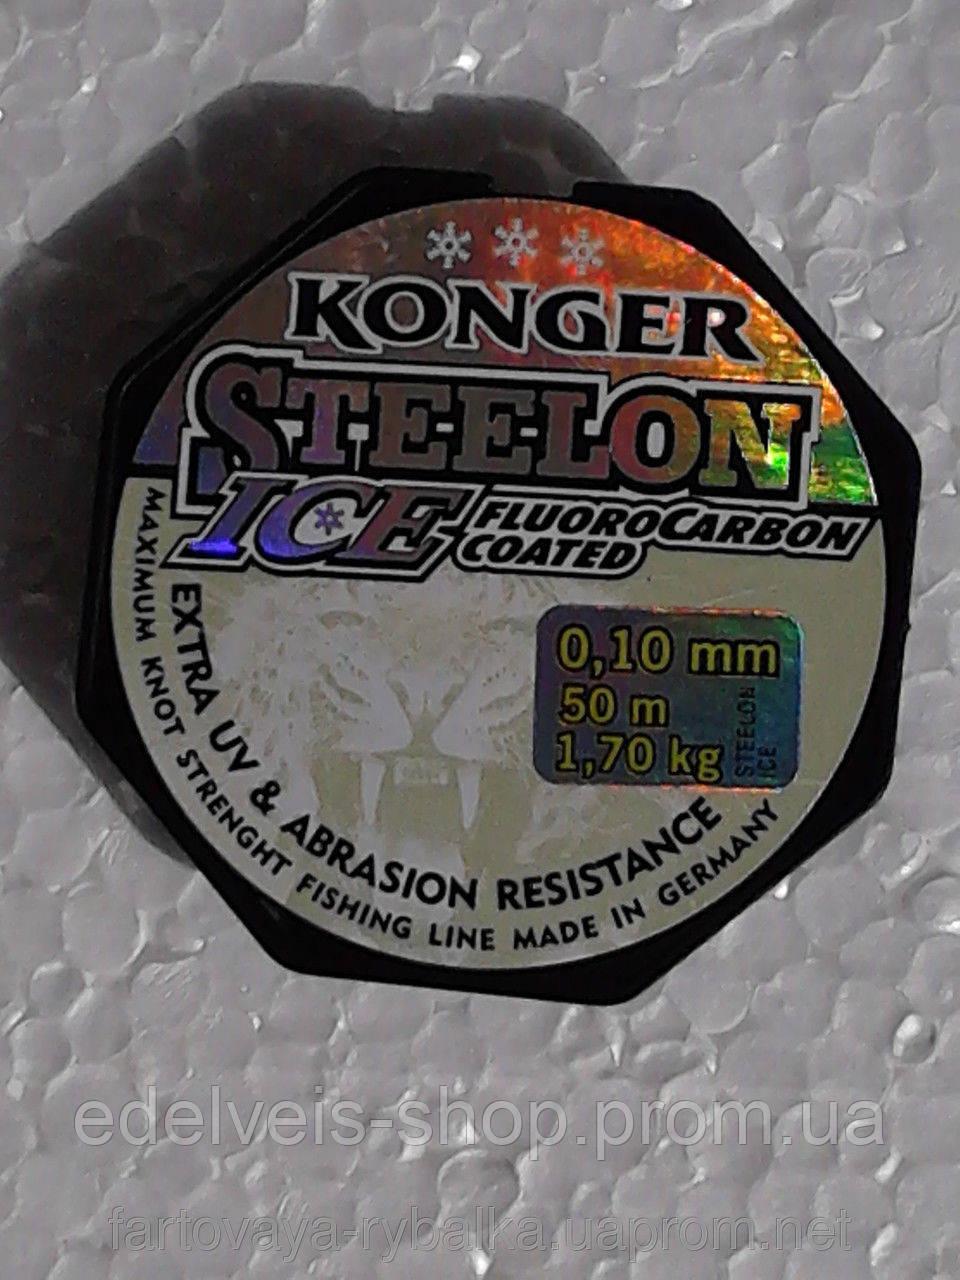 Леска Konger Steelon (флюорокарбон) 50метров 0.16